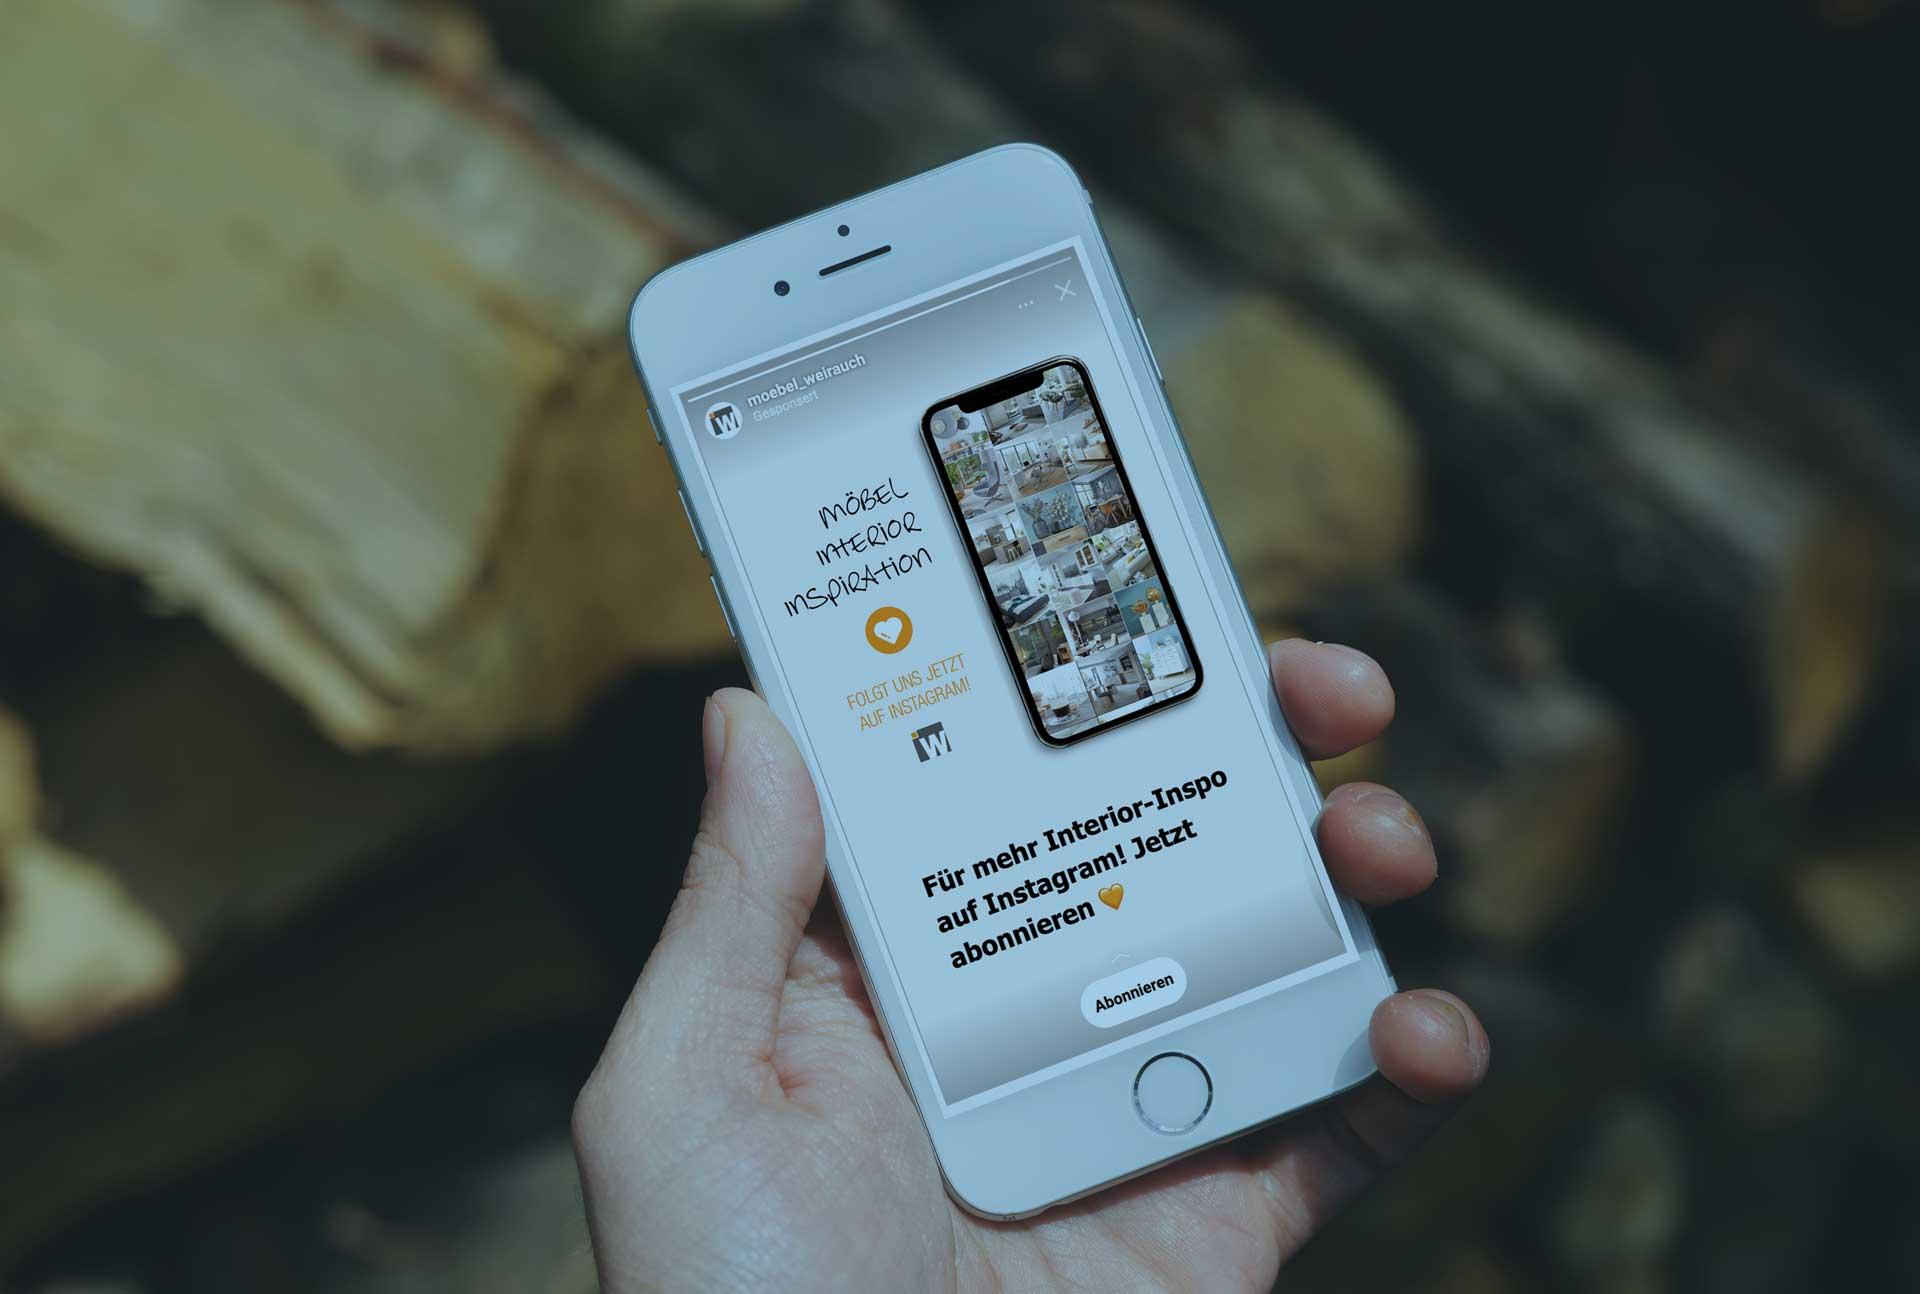 Referenz Weirauch wird auf einem Mobilgerät dargestellt.